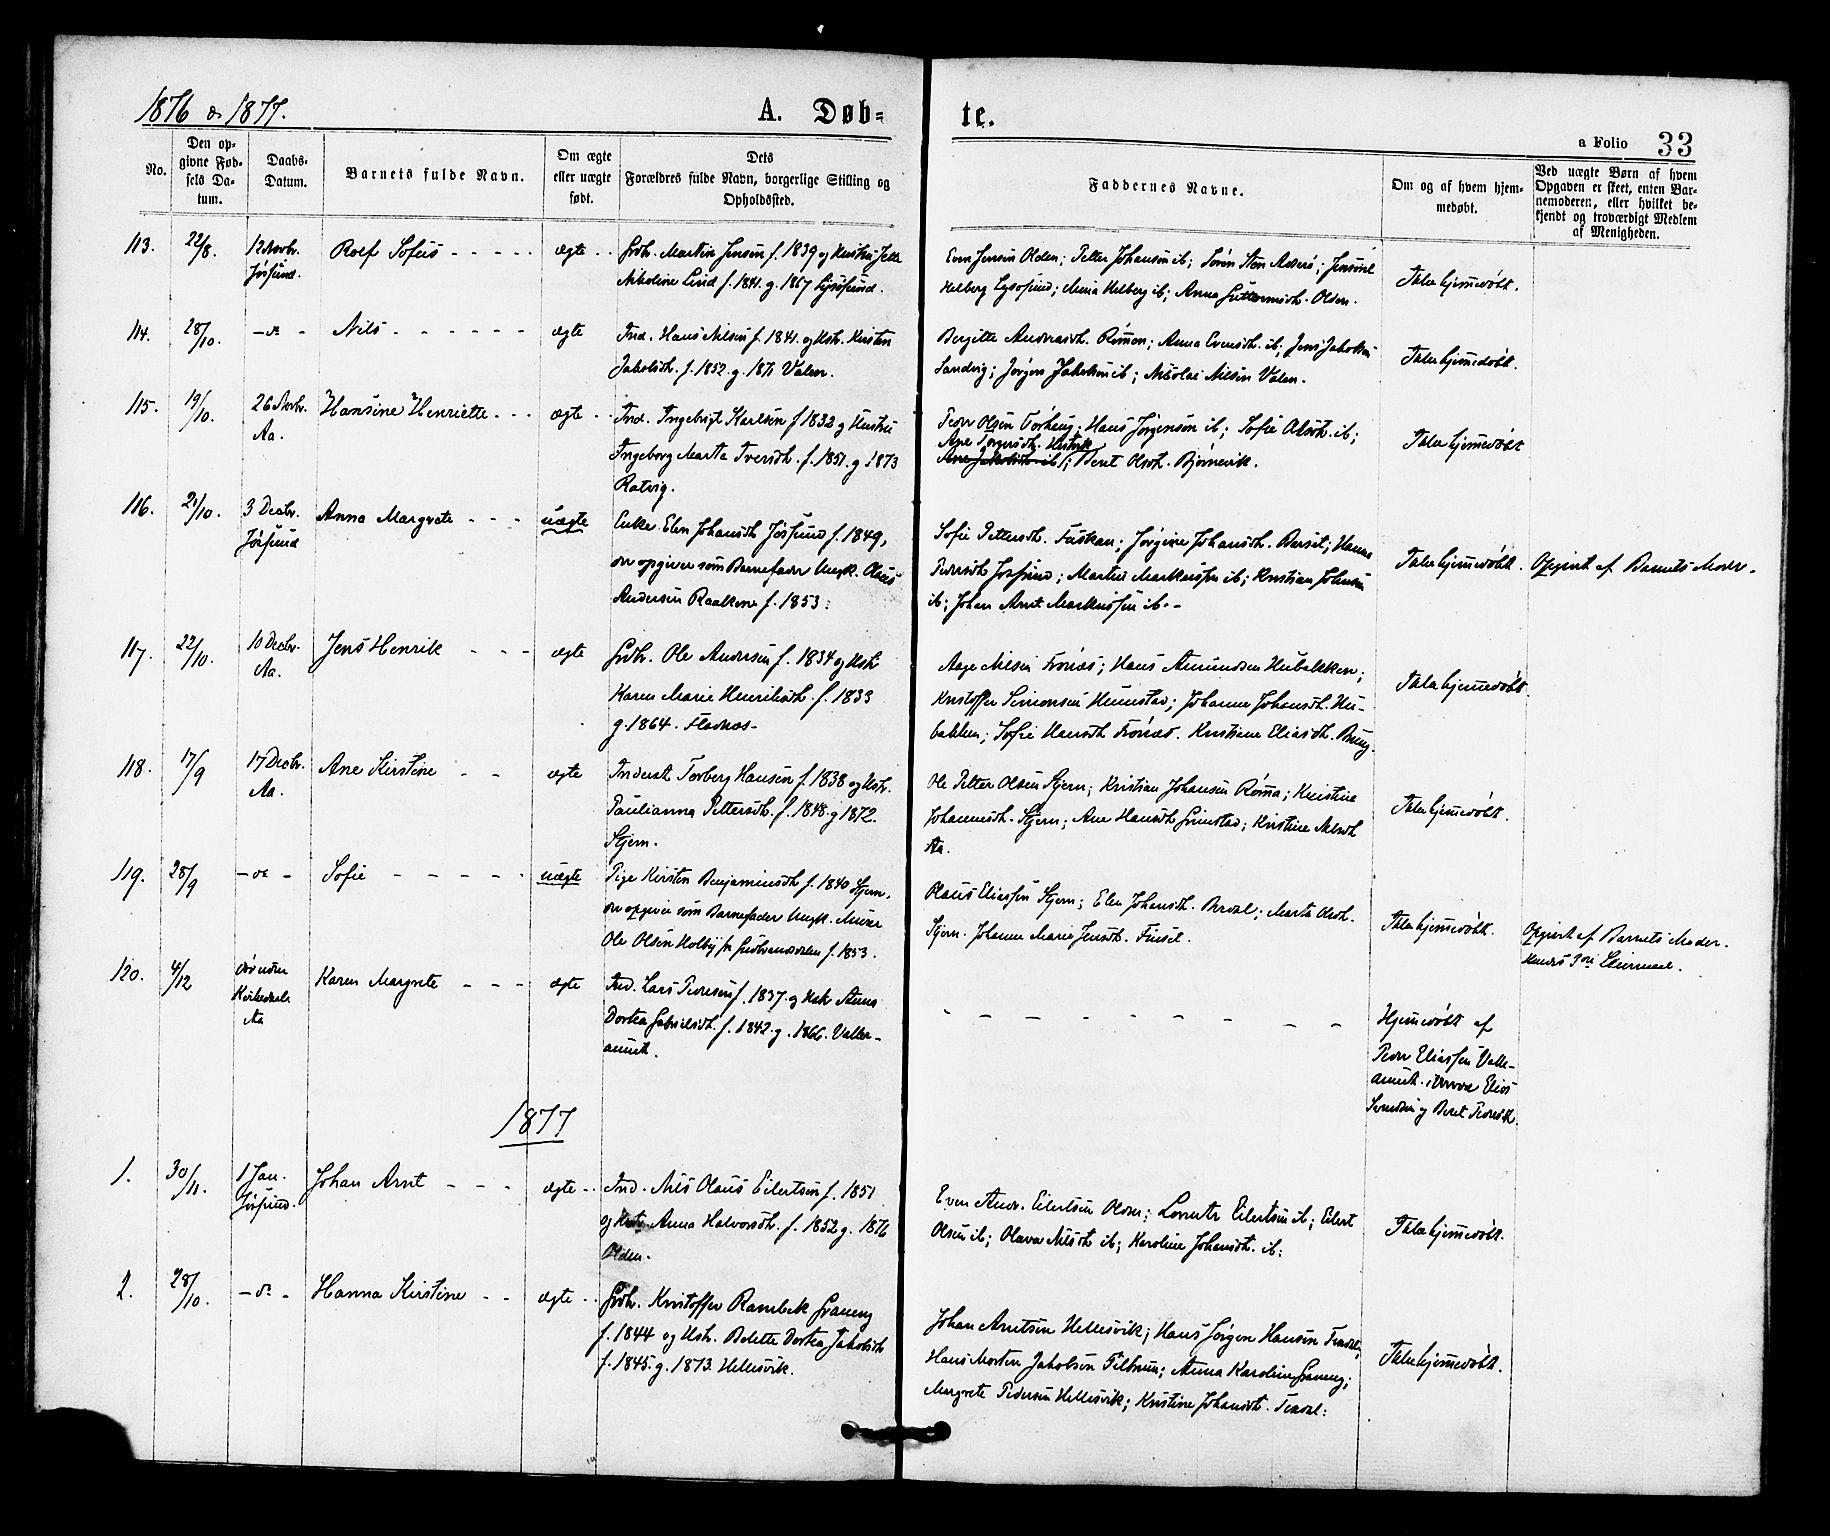 SAT, Ministerialprotokoller, klokkerbøker og fødselsregistre - Sør-Trøndelag, 655/L0679: Ministerialbok nr. 655A08, 1873-1879, s. 33